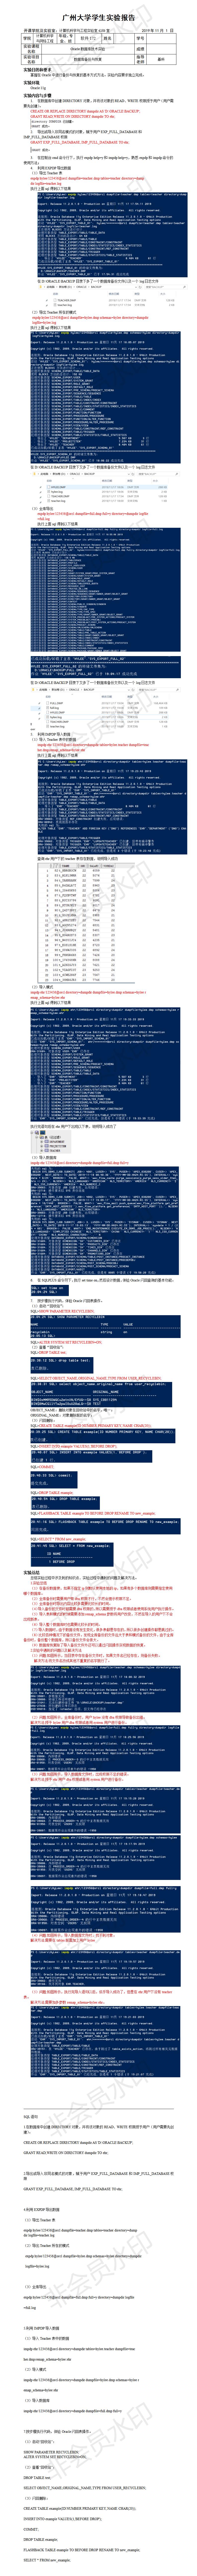 广州大学oracle数据库实验四